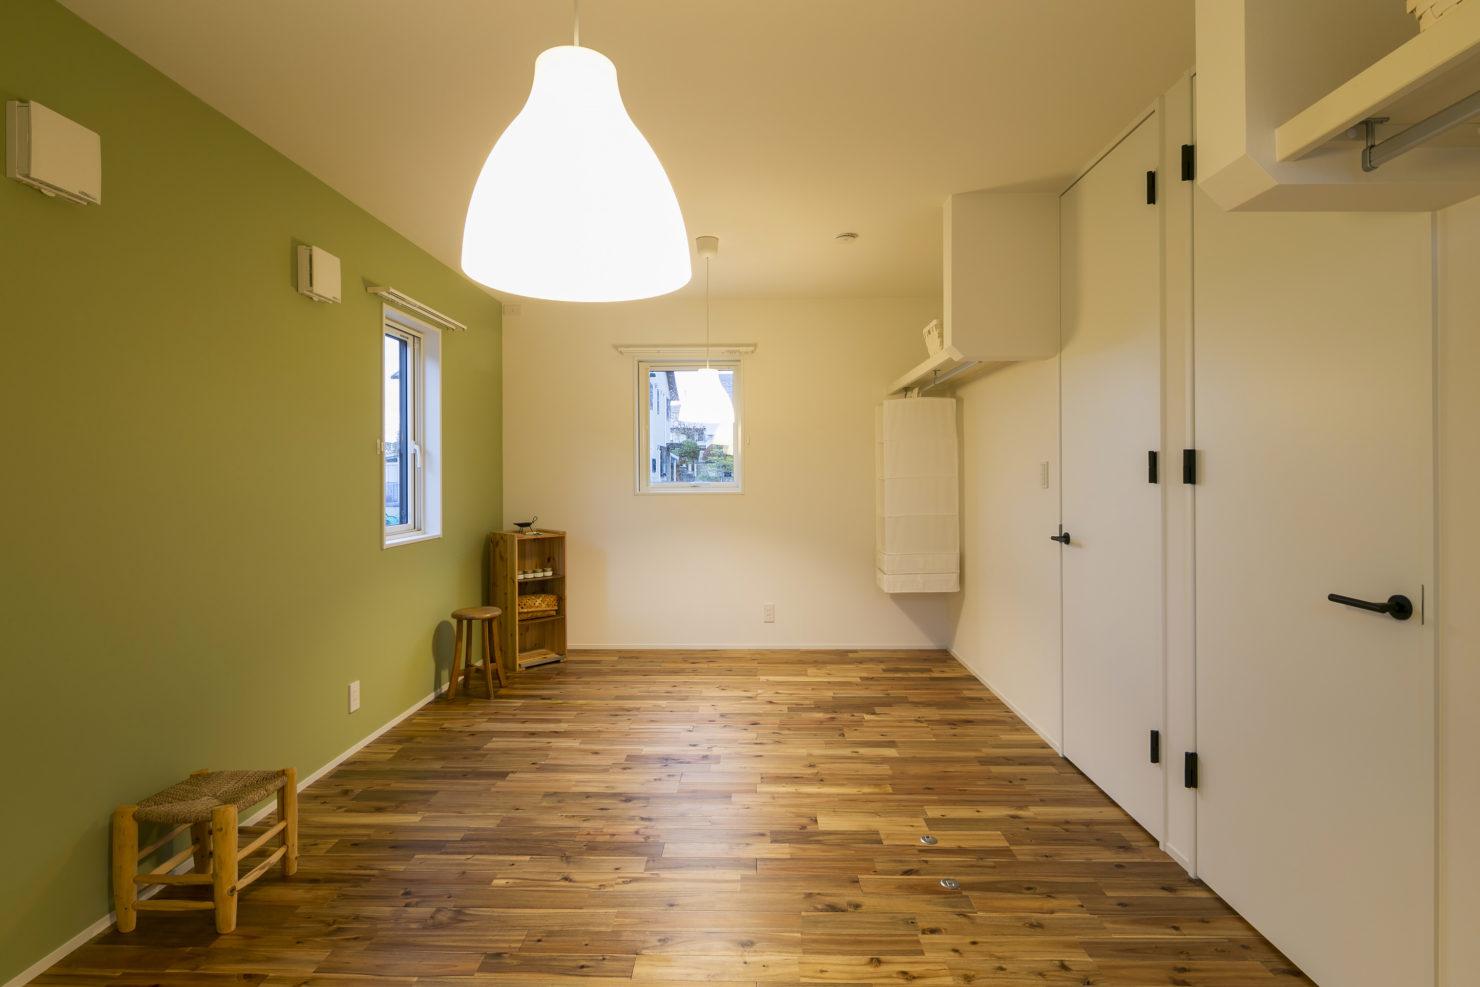 ハウスM21+archi「閉じる」から「開く」子供部屋写真